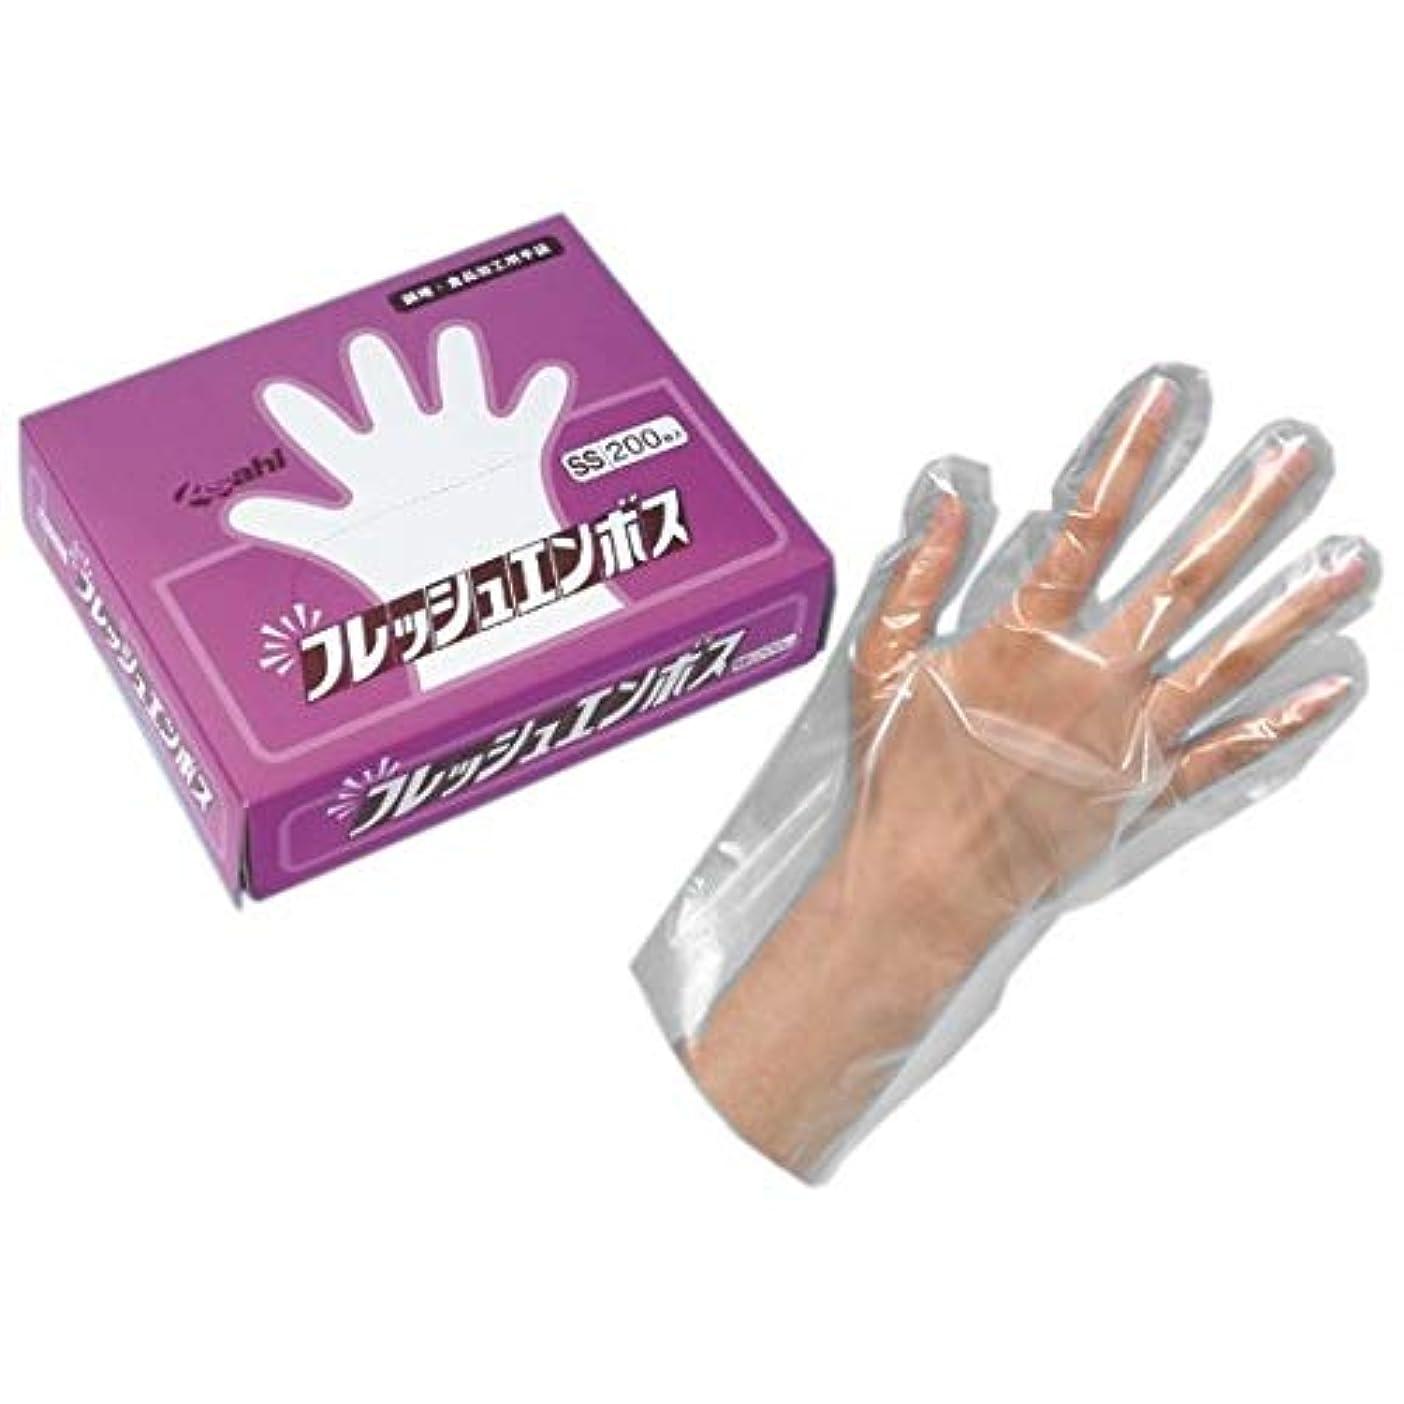 社会いらいらさせる促進するフレッシュエンボス 手袋 SSサイズ 200枚入